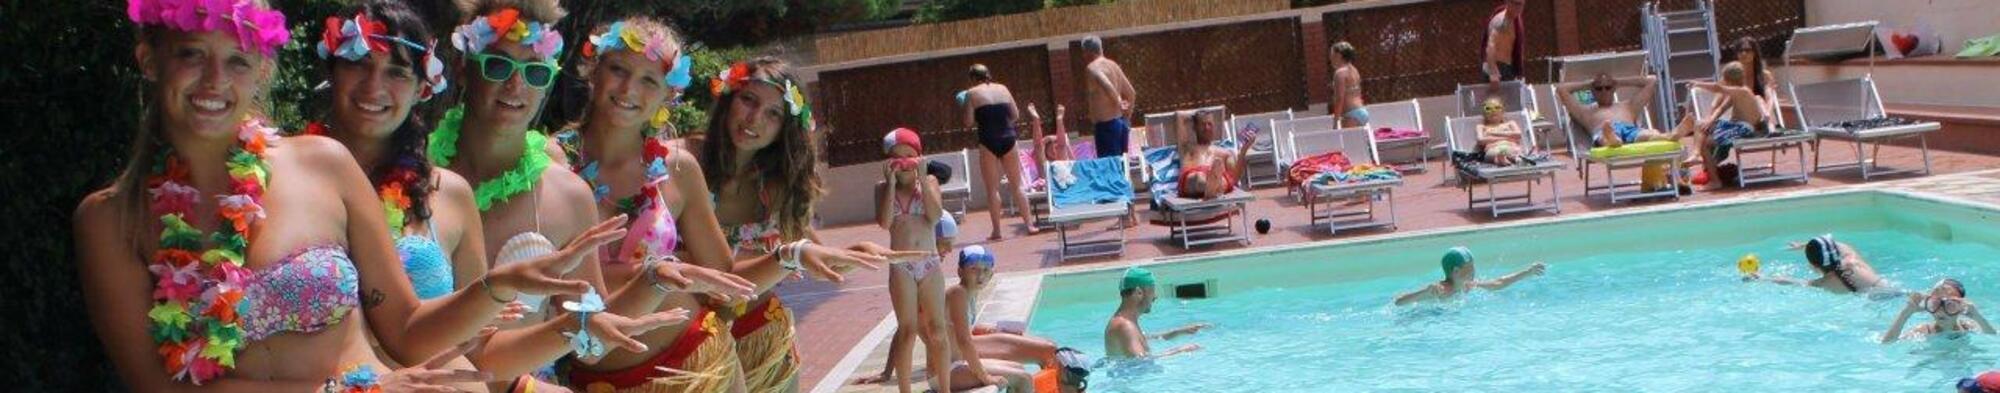 Speciale aanbieding 15% korting op de camping met zwembad in Pietra Ligure te midden van de natuur